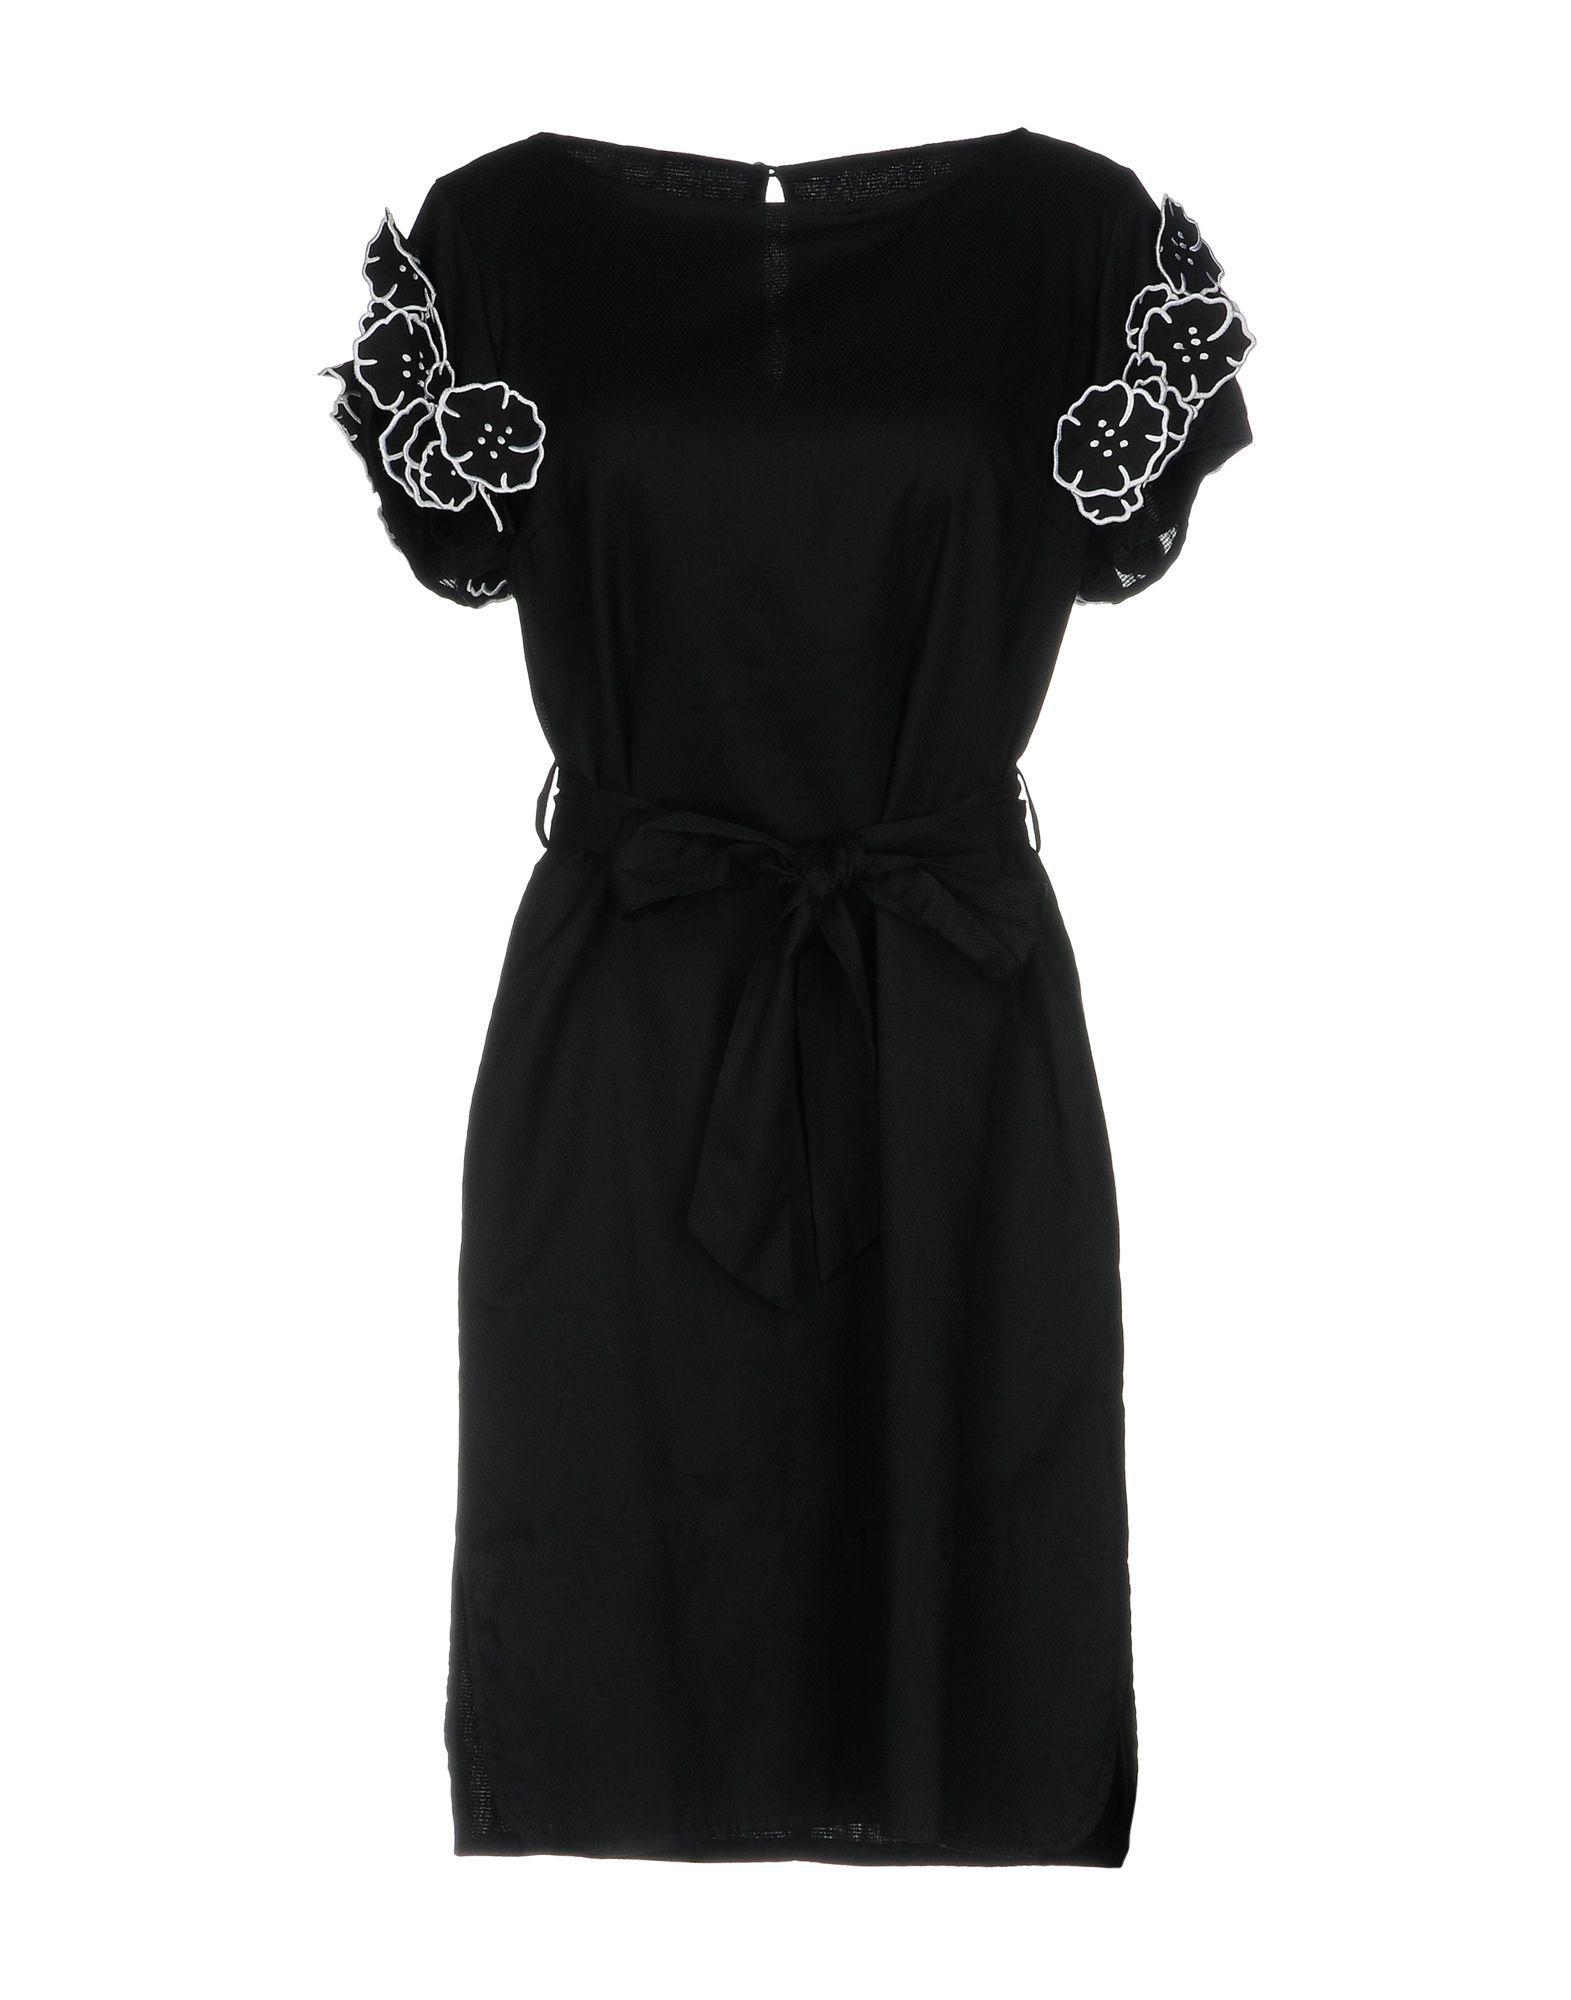 Class roberto cavallı women short dress on yoox the best online